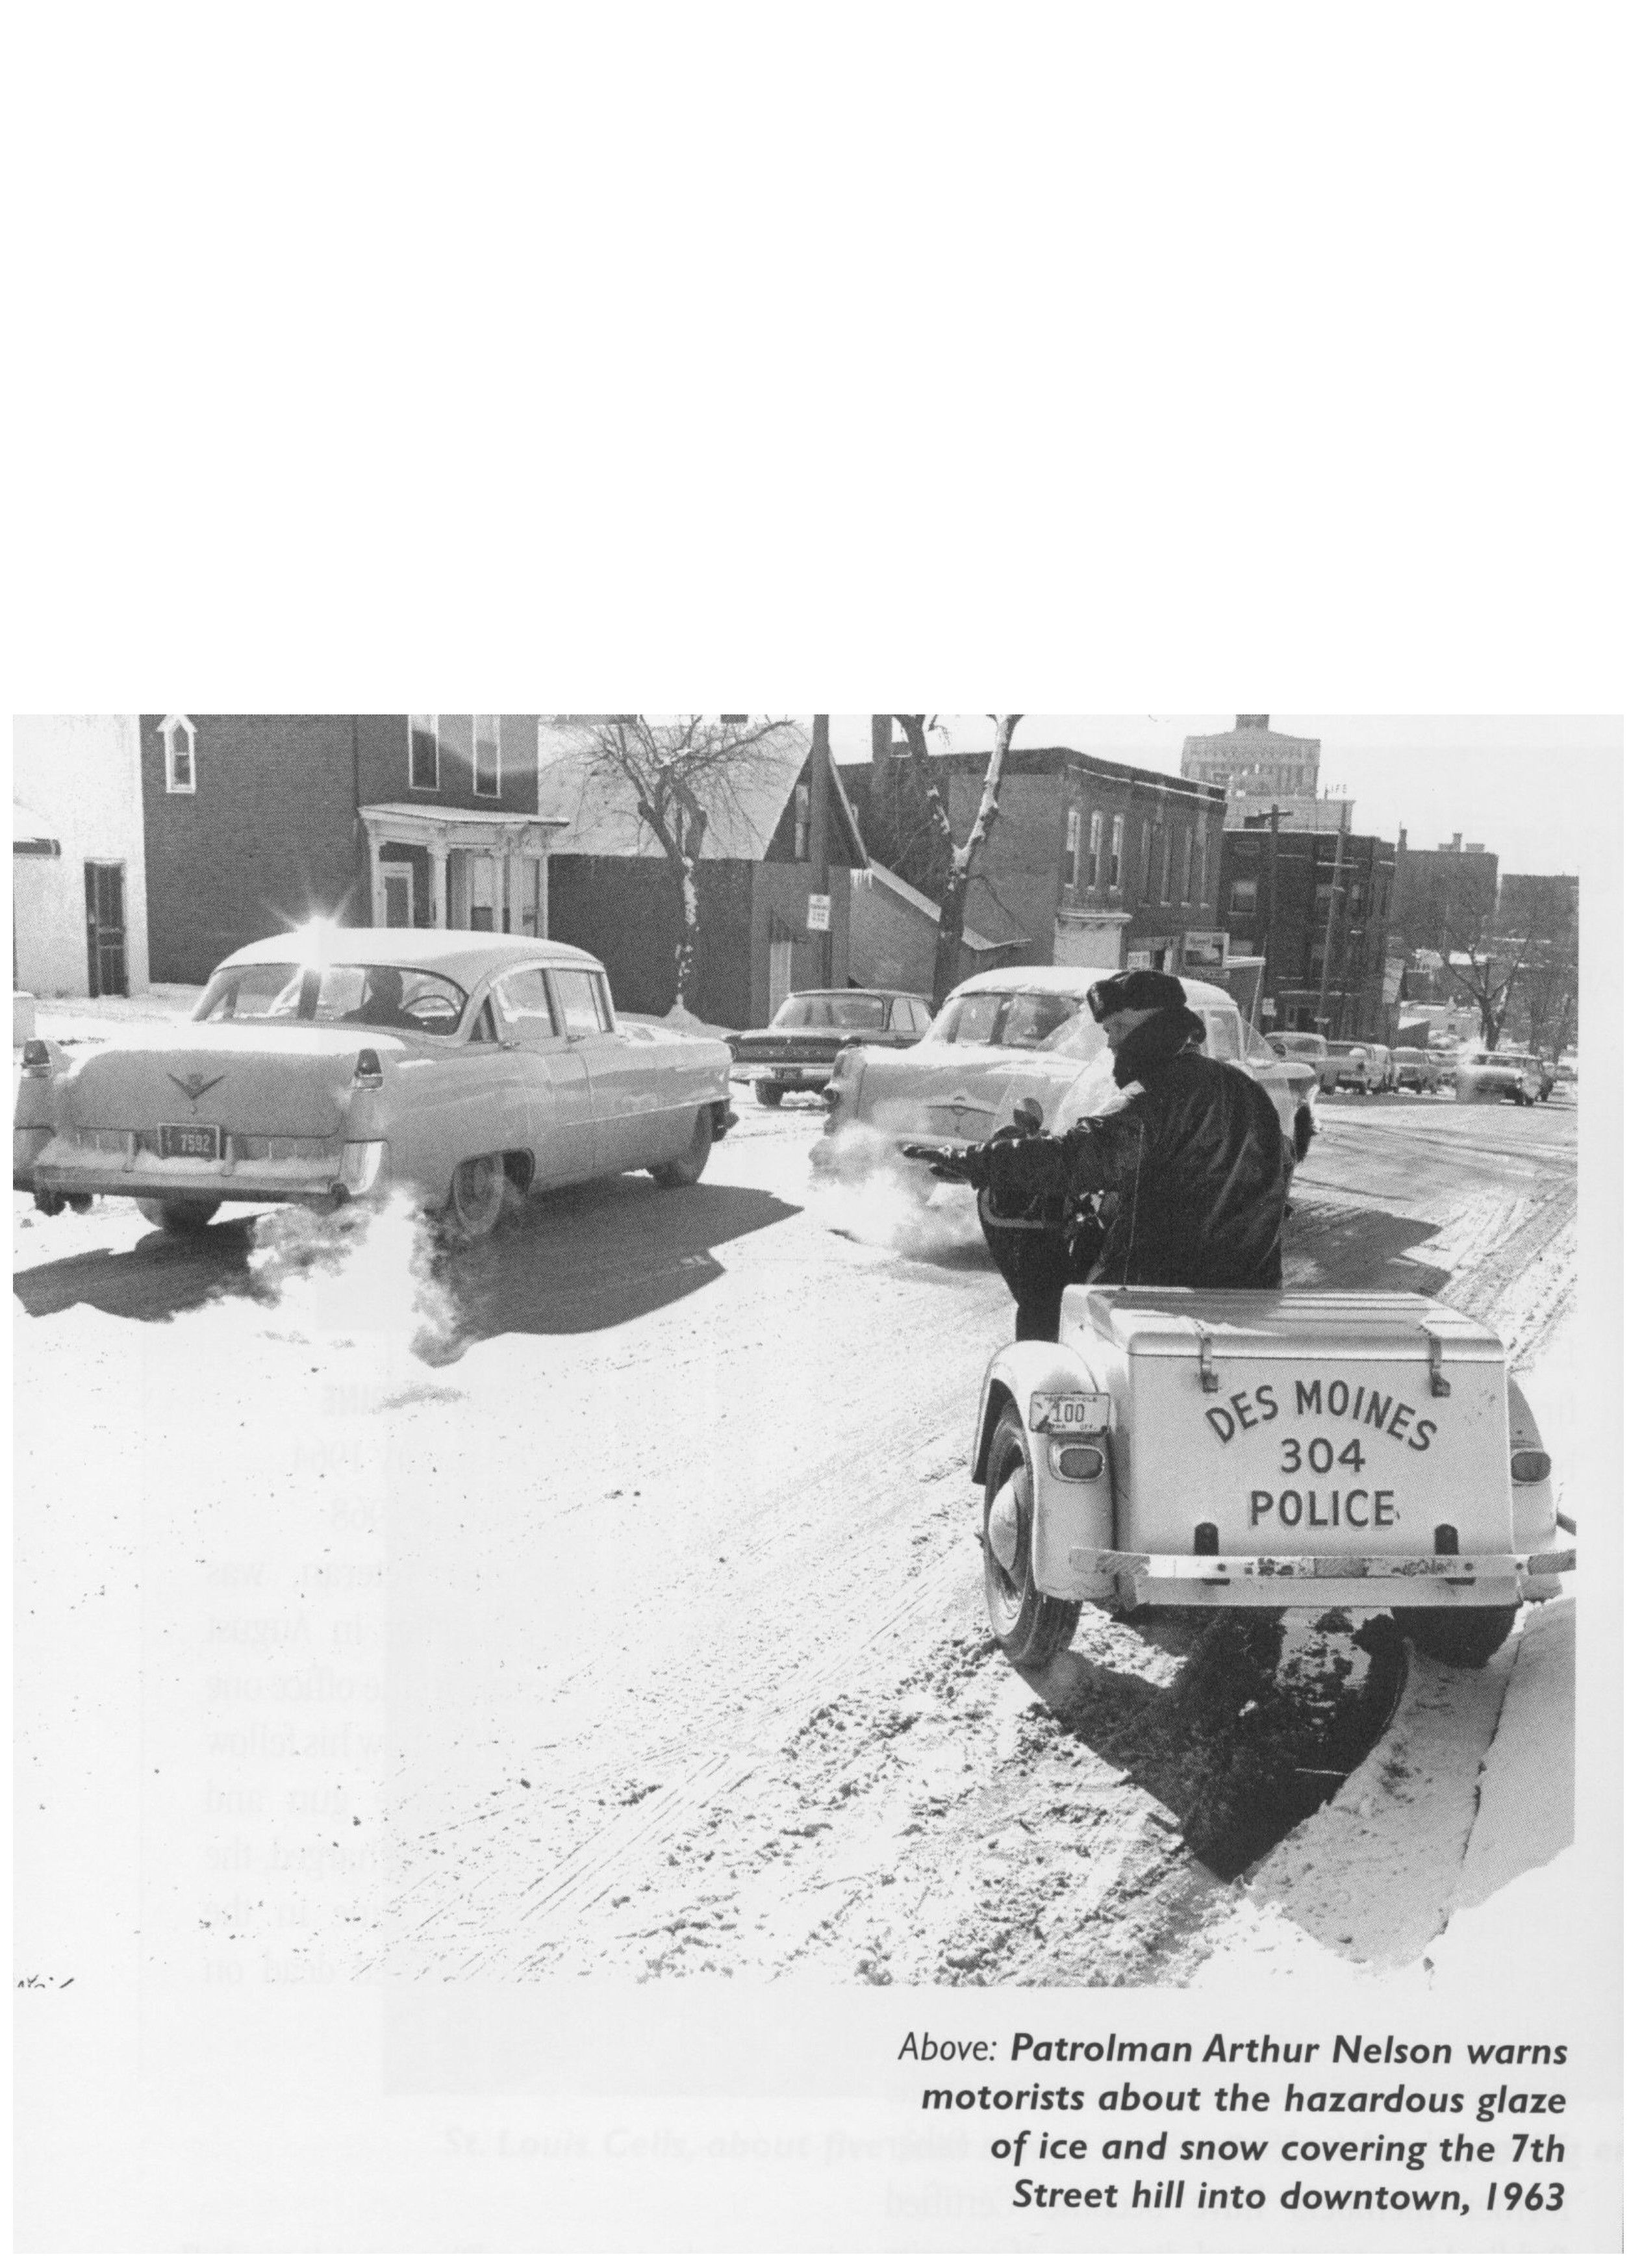 Des Moines Police Motorcycle patrolman, 1963